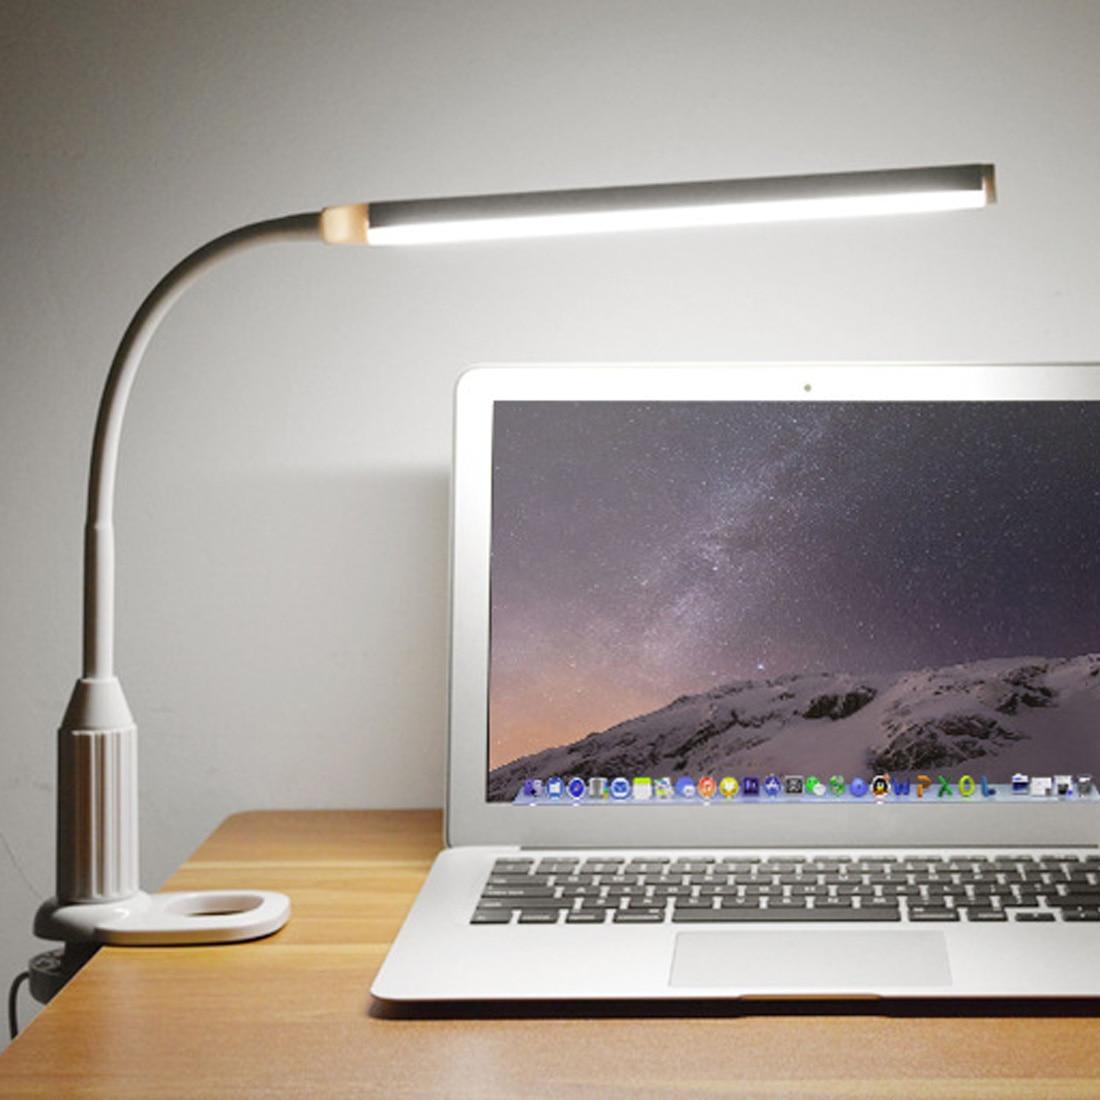 Mini Ordner Lampe Tisch Lampe 5 watt 24 LEDs Auge Schützen Clamp Clip Licht Stufenlos Dimmbar Biegsamen USB Powered Touch sensor Led